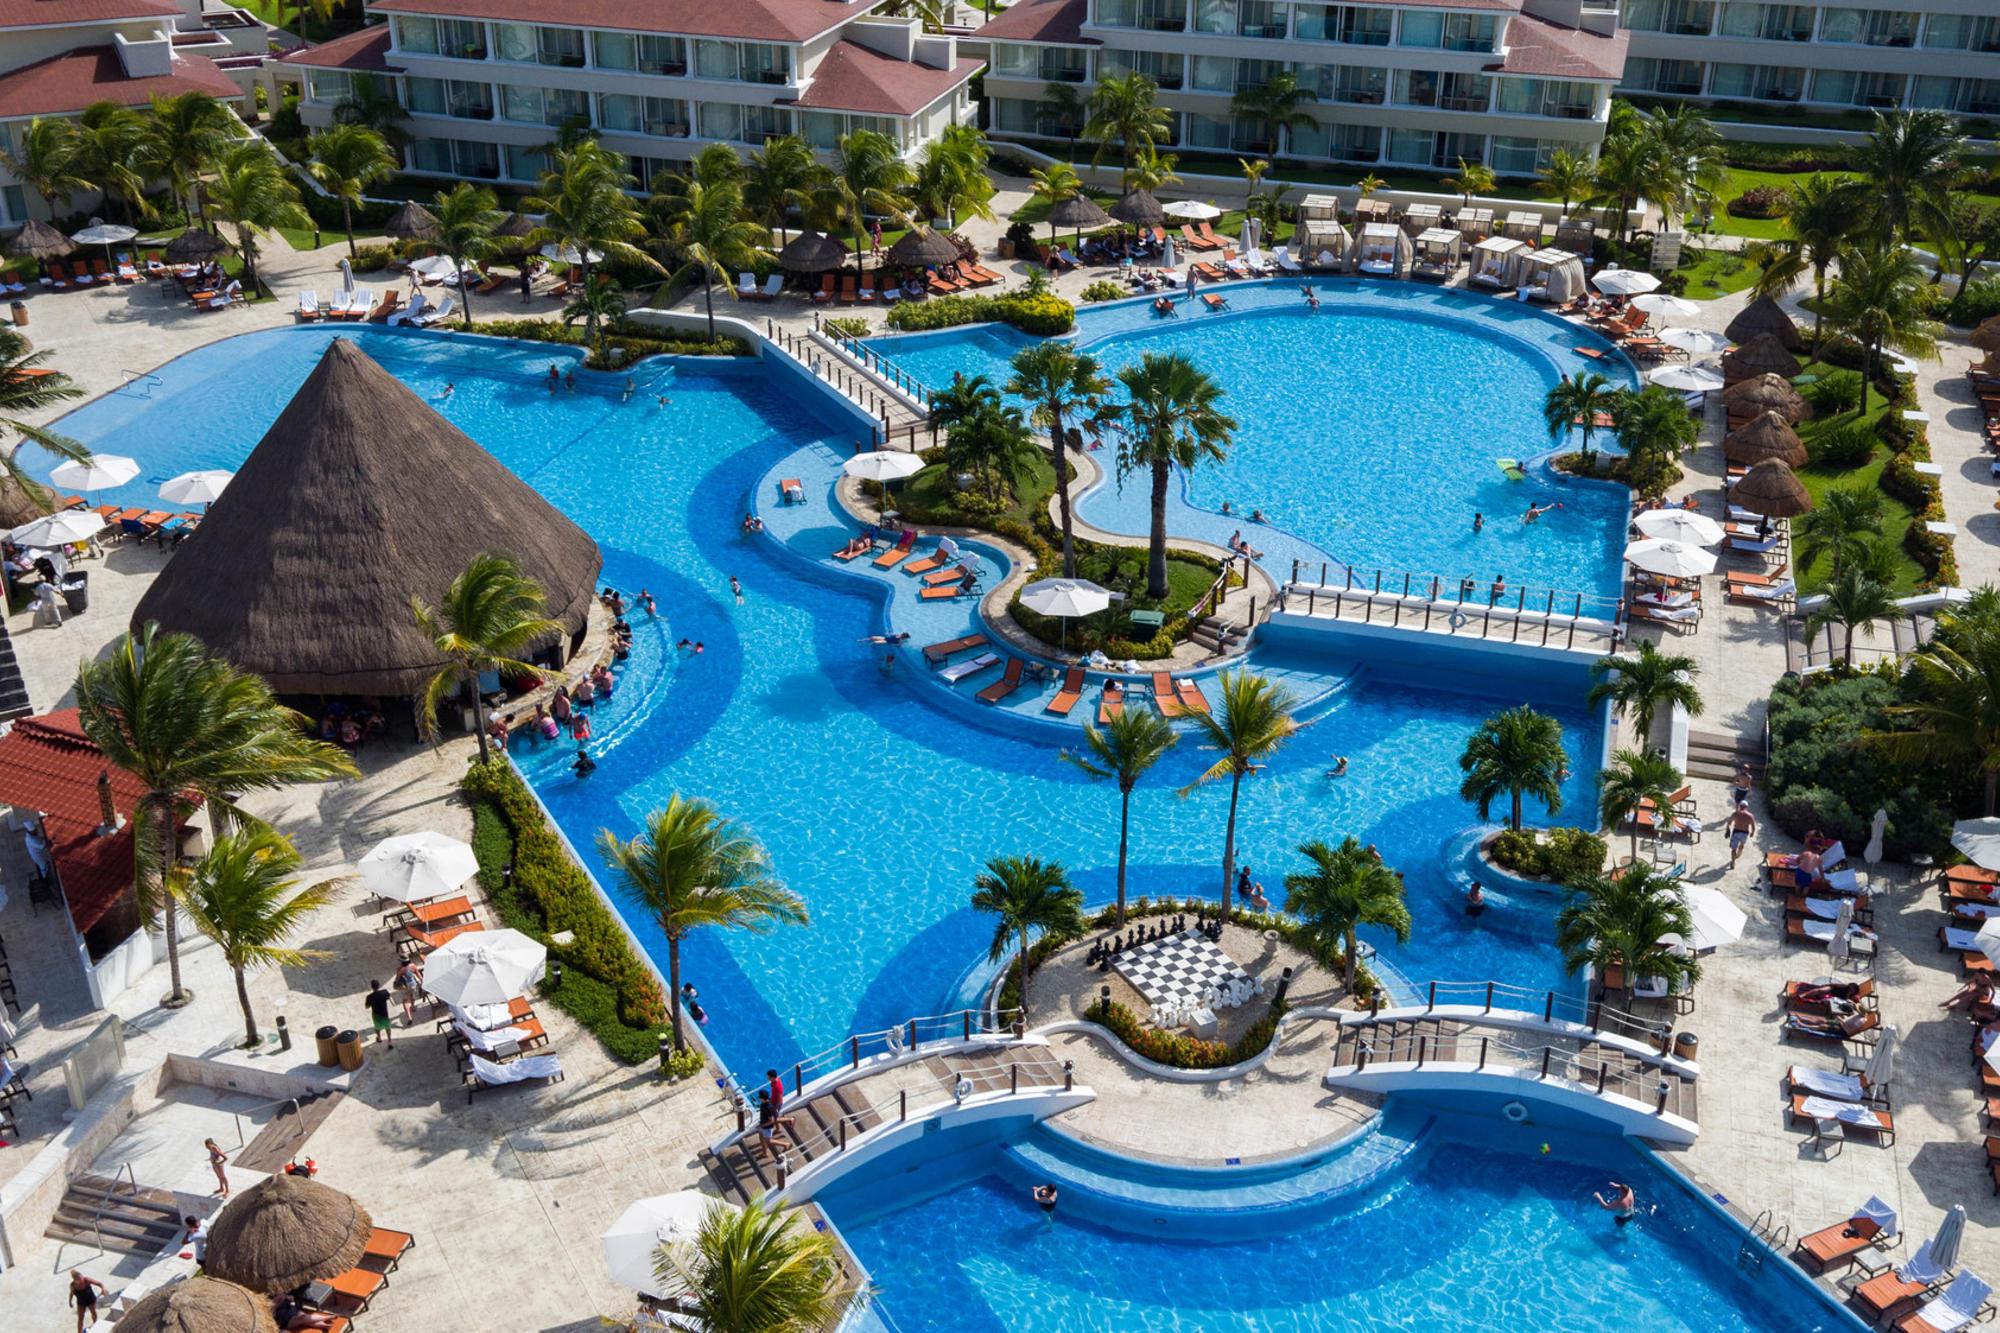 Main pool and swim-up bar at Moon Palace Cancun